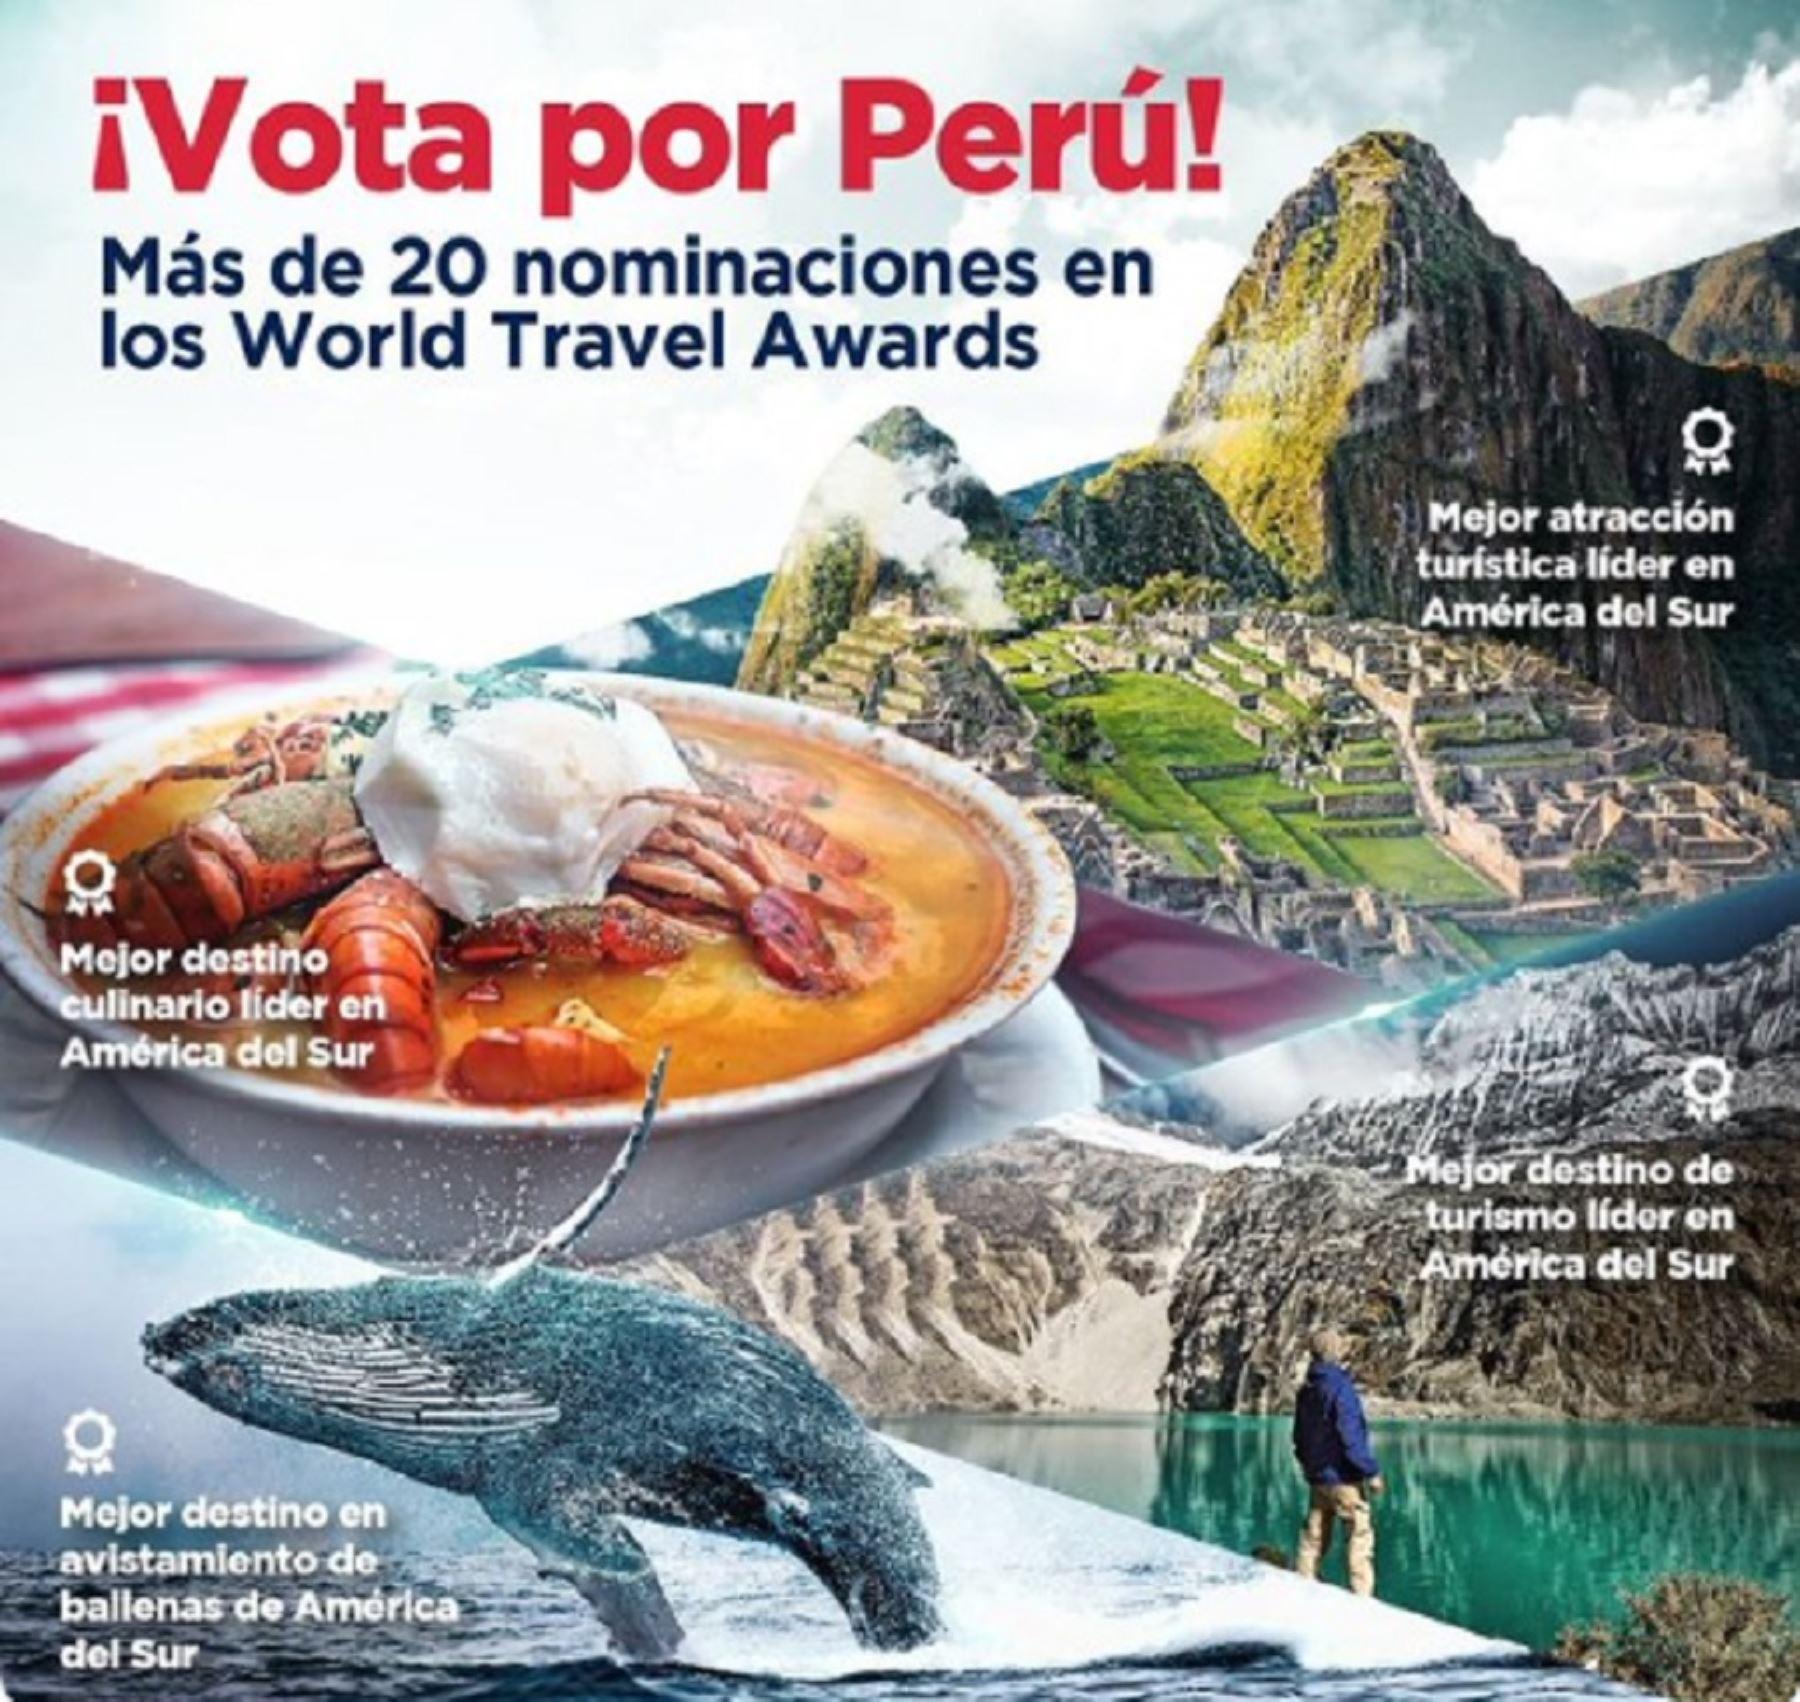 Machu Picchu, el Cañón del Colca, el balneario de Máncora, y las ciudades de Cusco y Lima encabezan las 24 nominaciones con las que el Perú compite en la edición sudamericana de los prestigiosos premios World Travel Awards 2020. Foto: Promperú